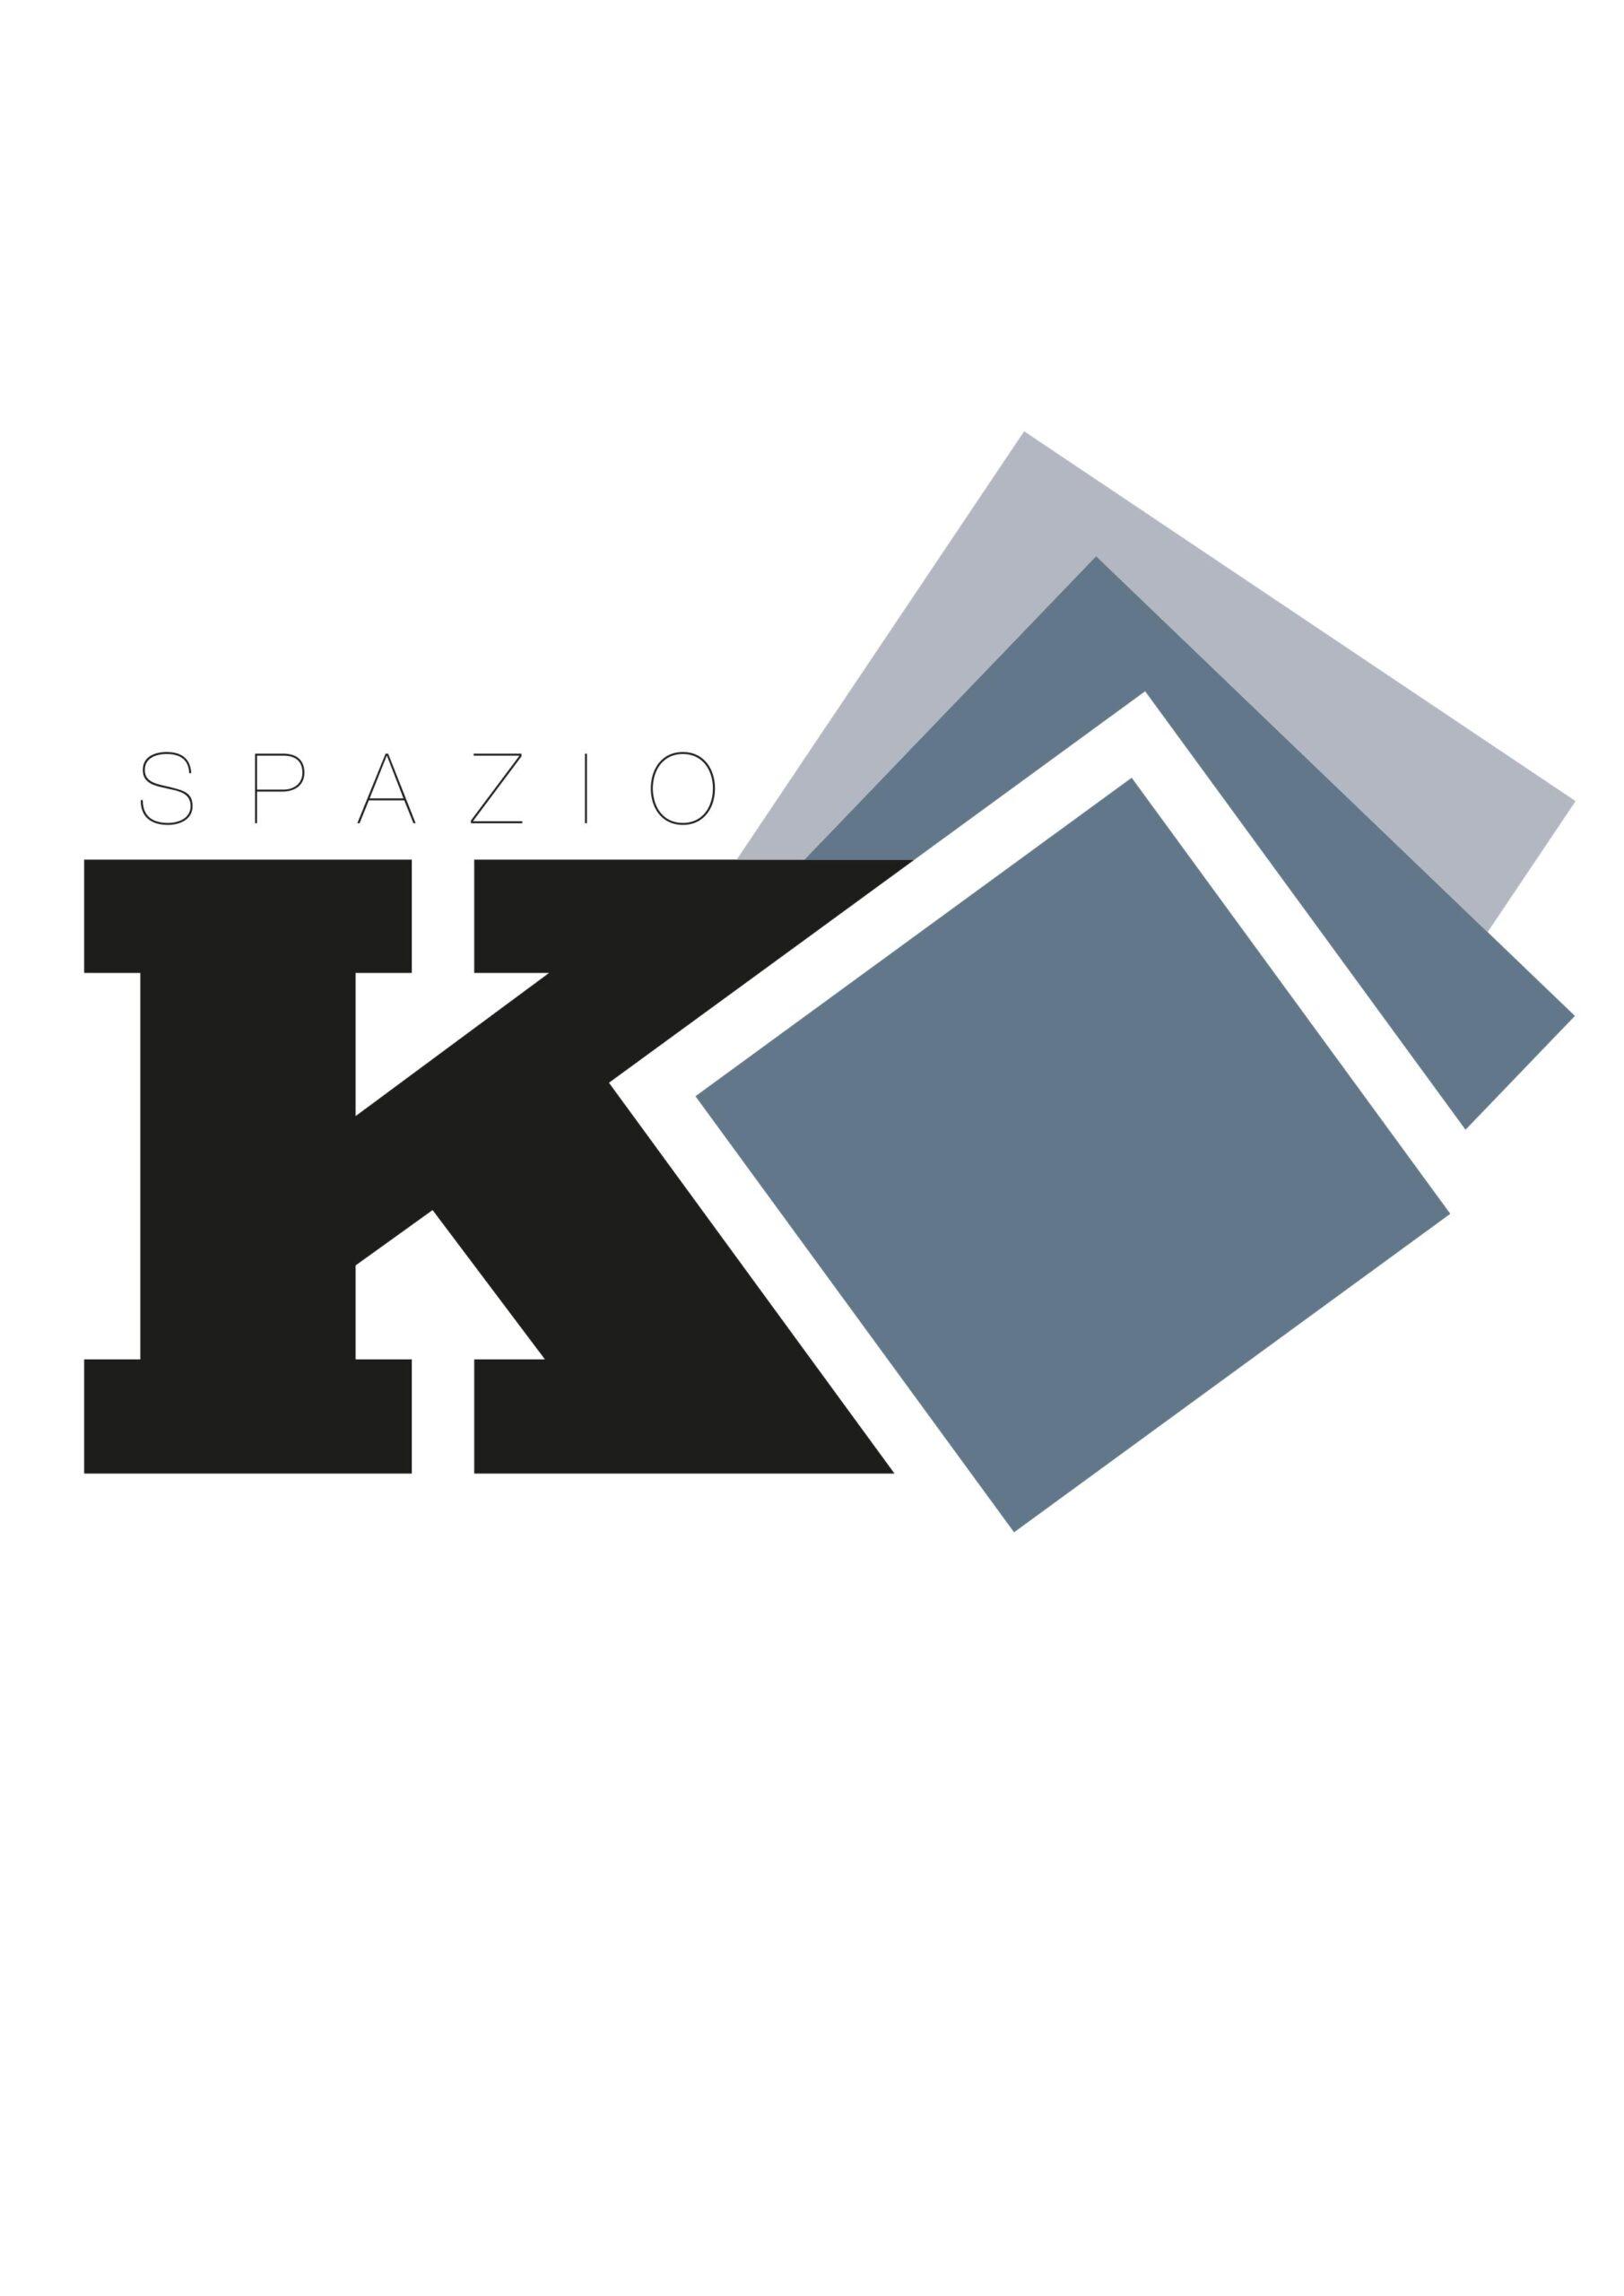 Spazio K